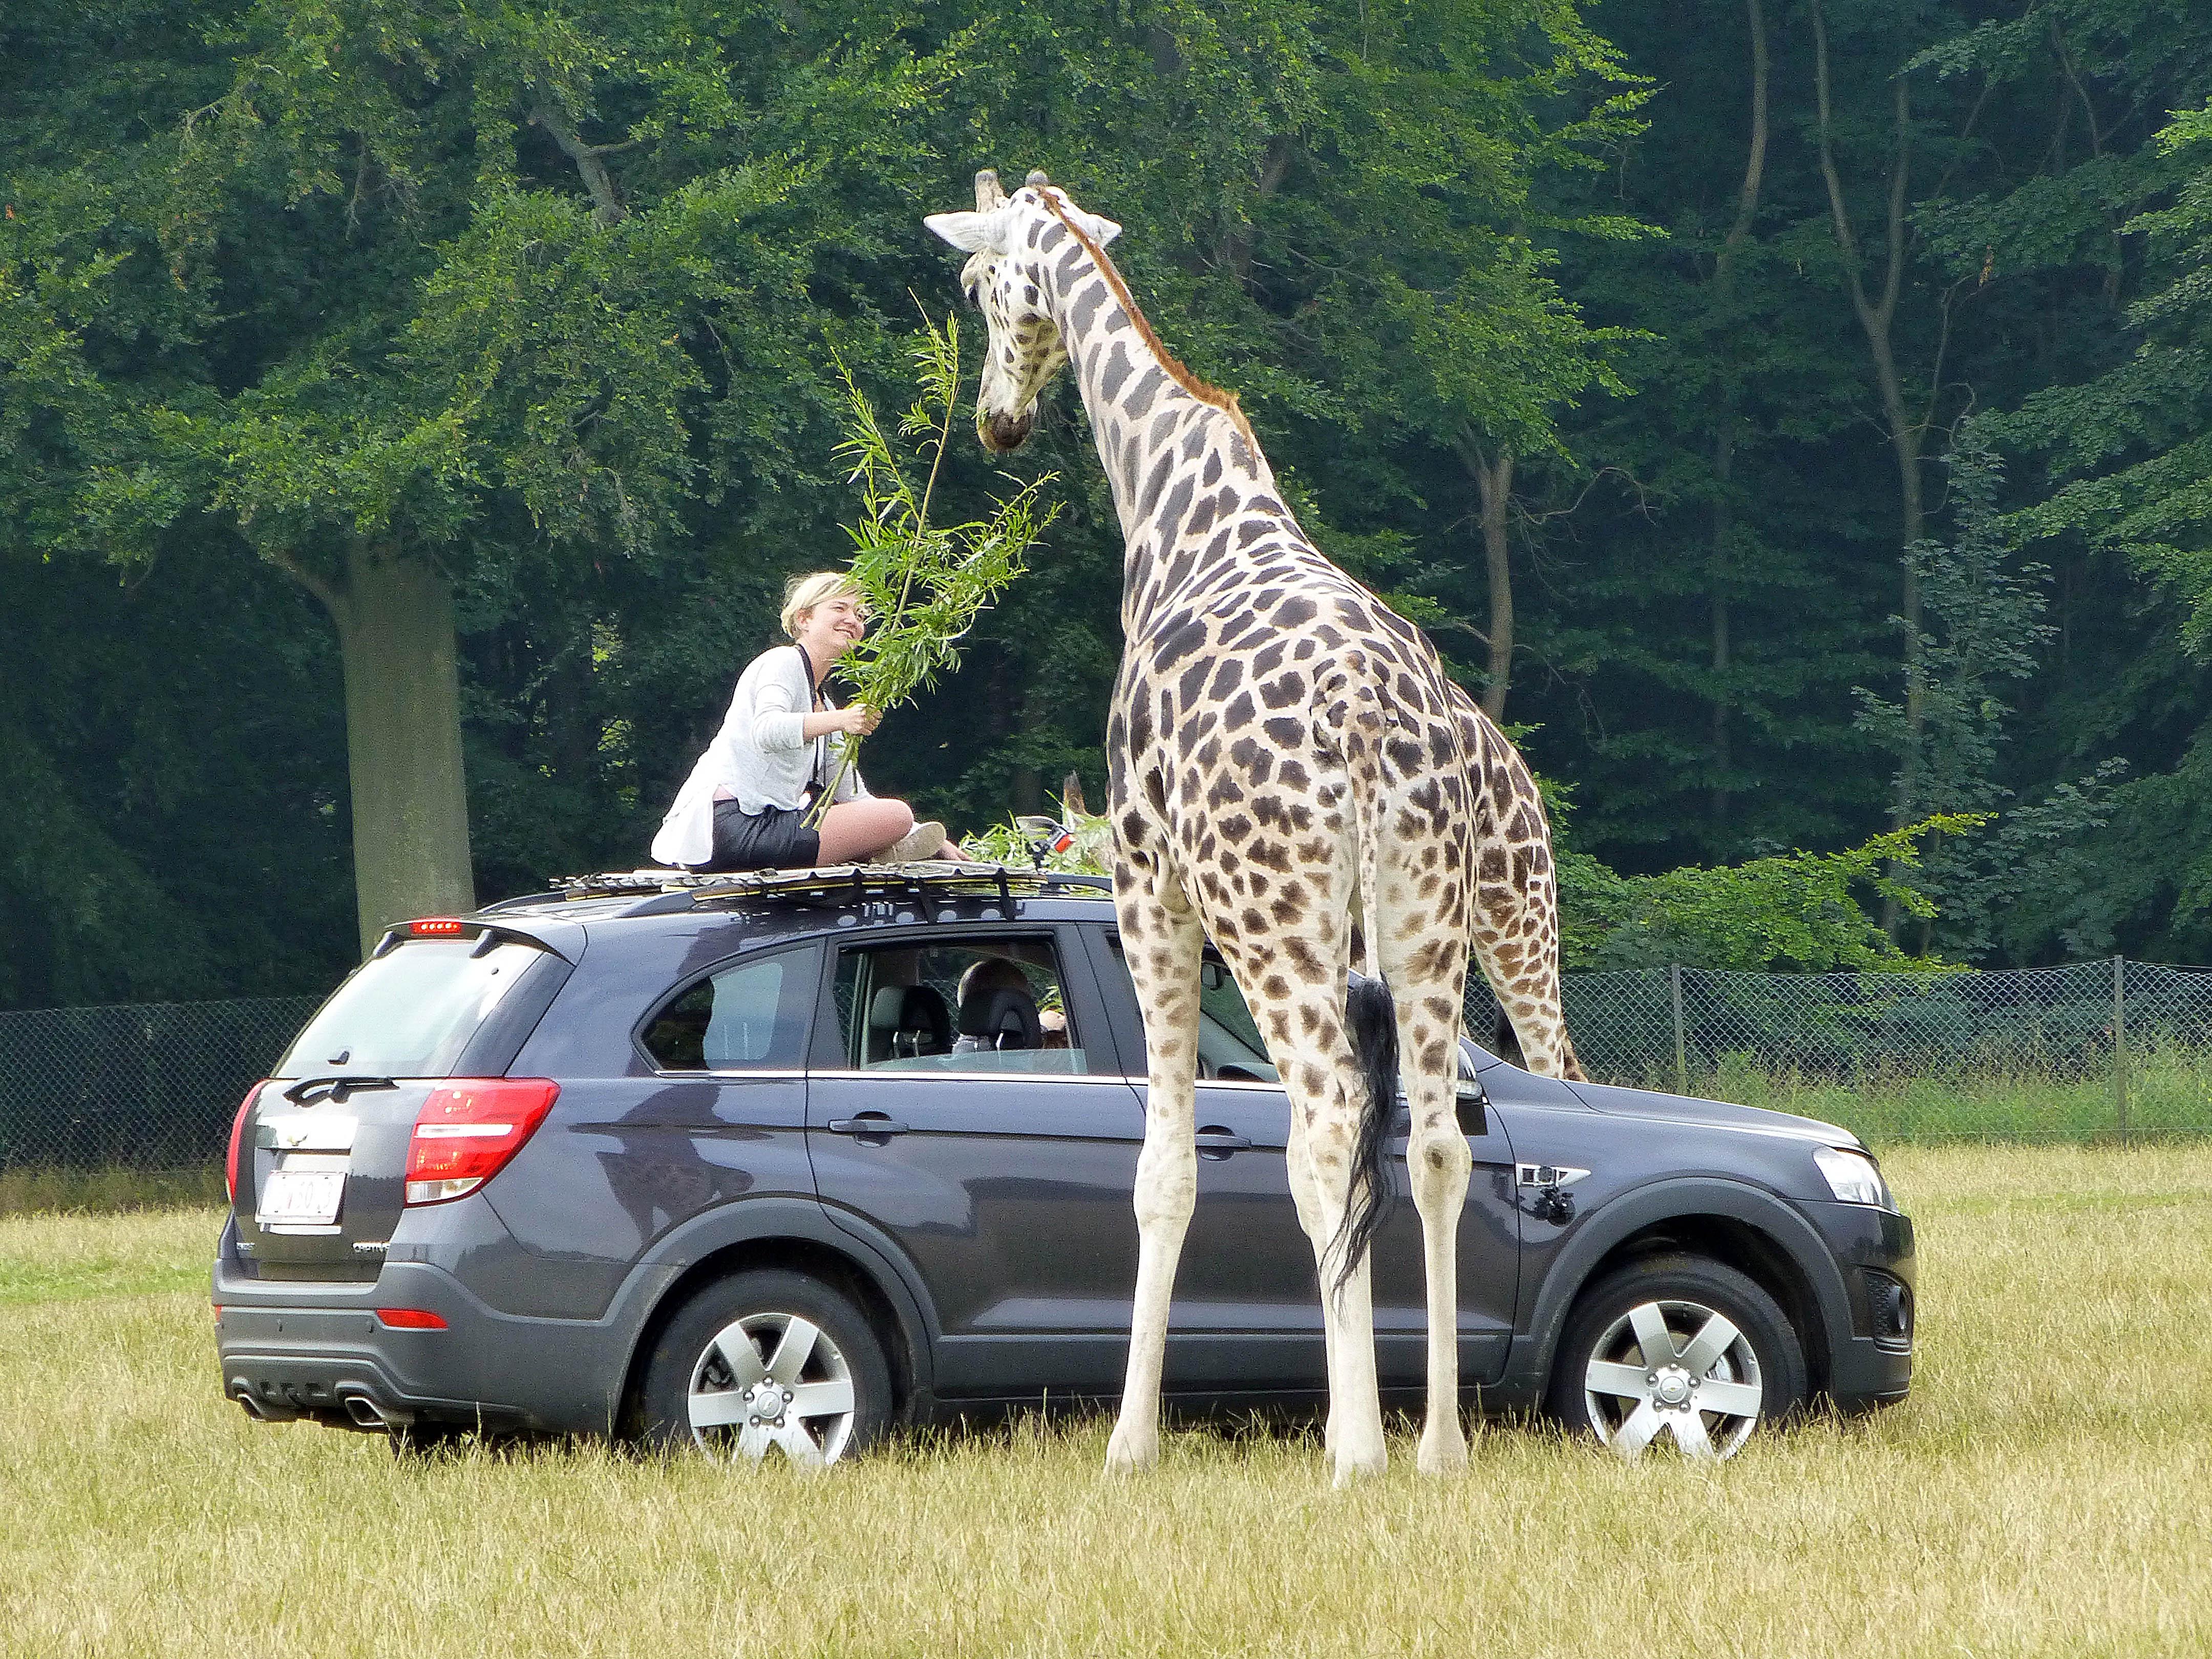 safari, giraffe